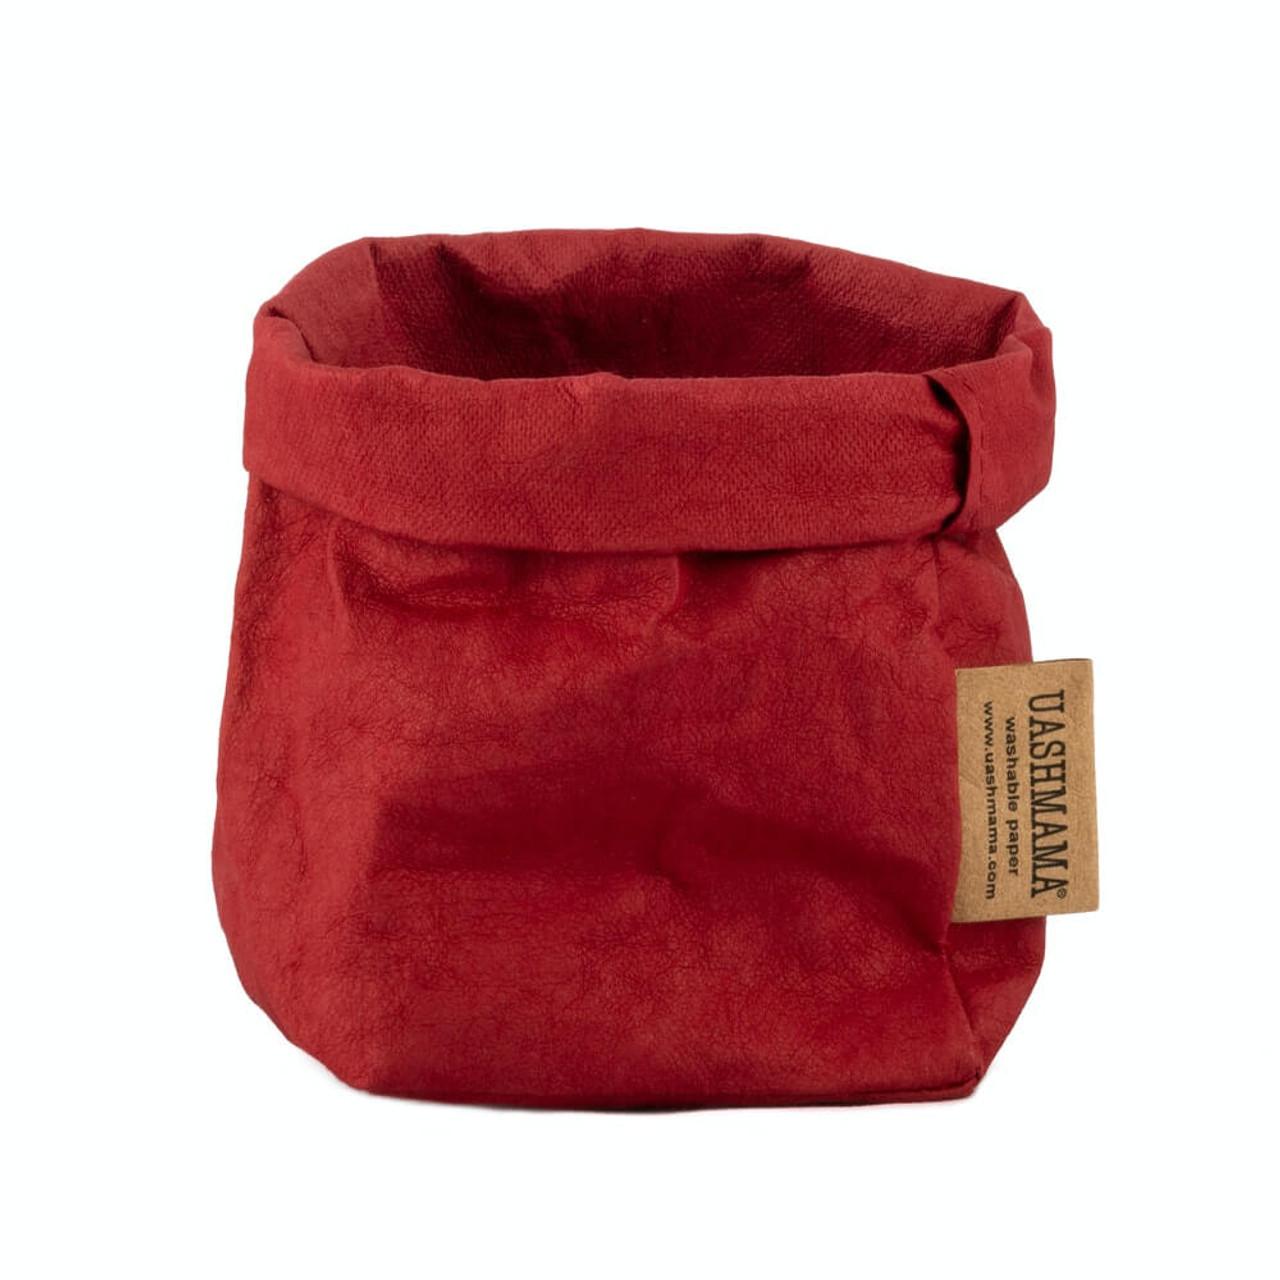 UASHMAMA piccolo organic paper bags palio